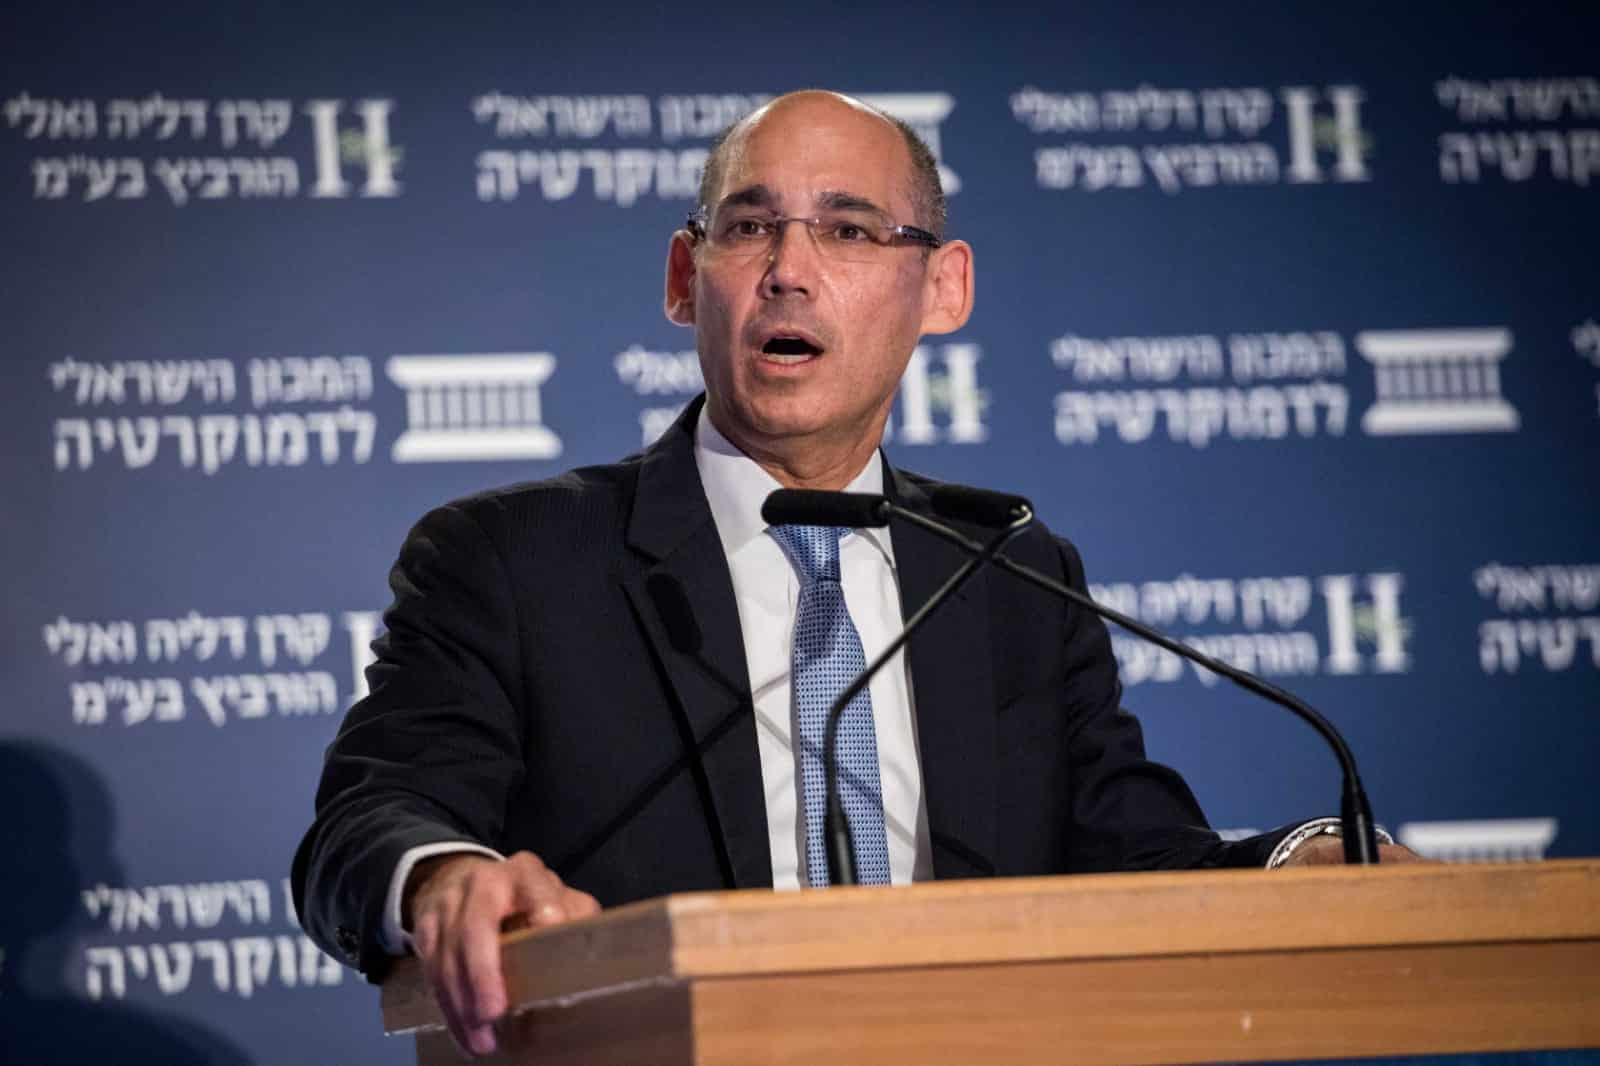 глава банка израиля фото